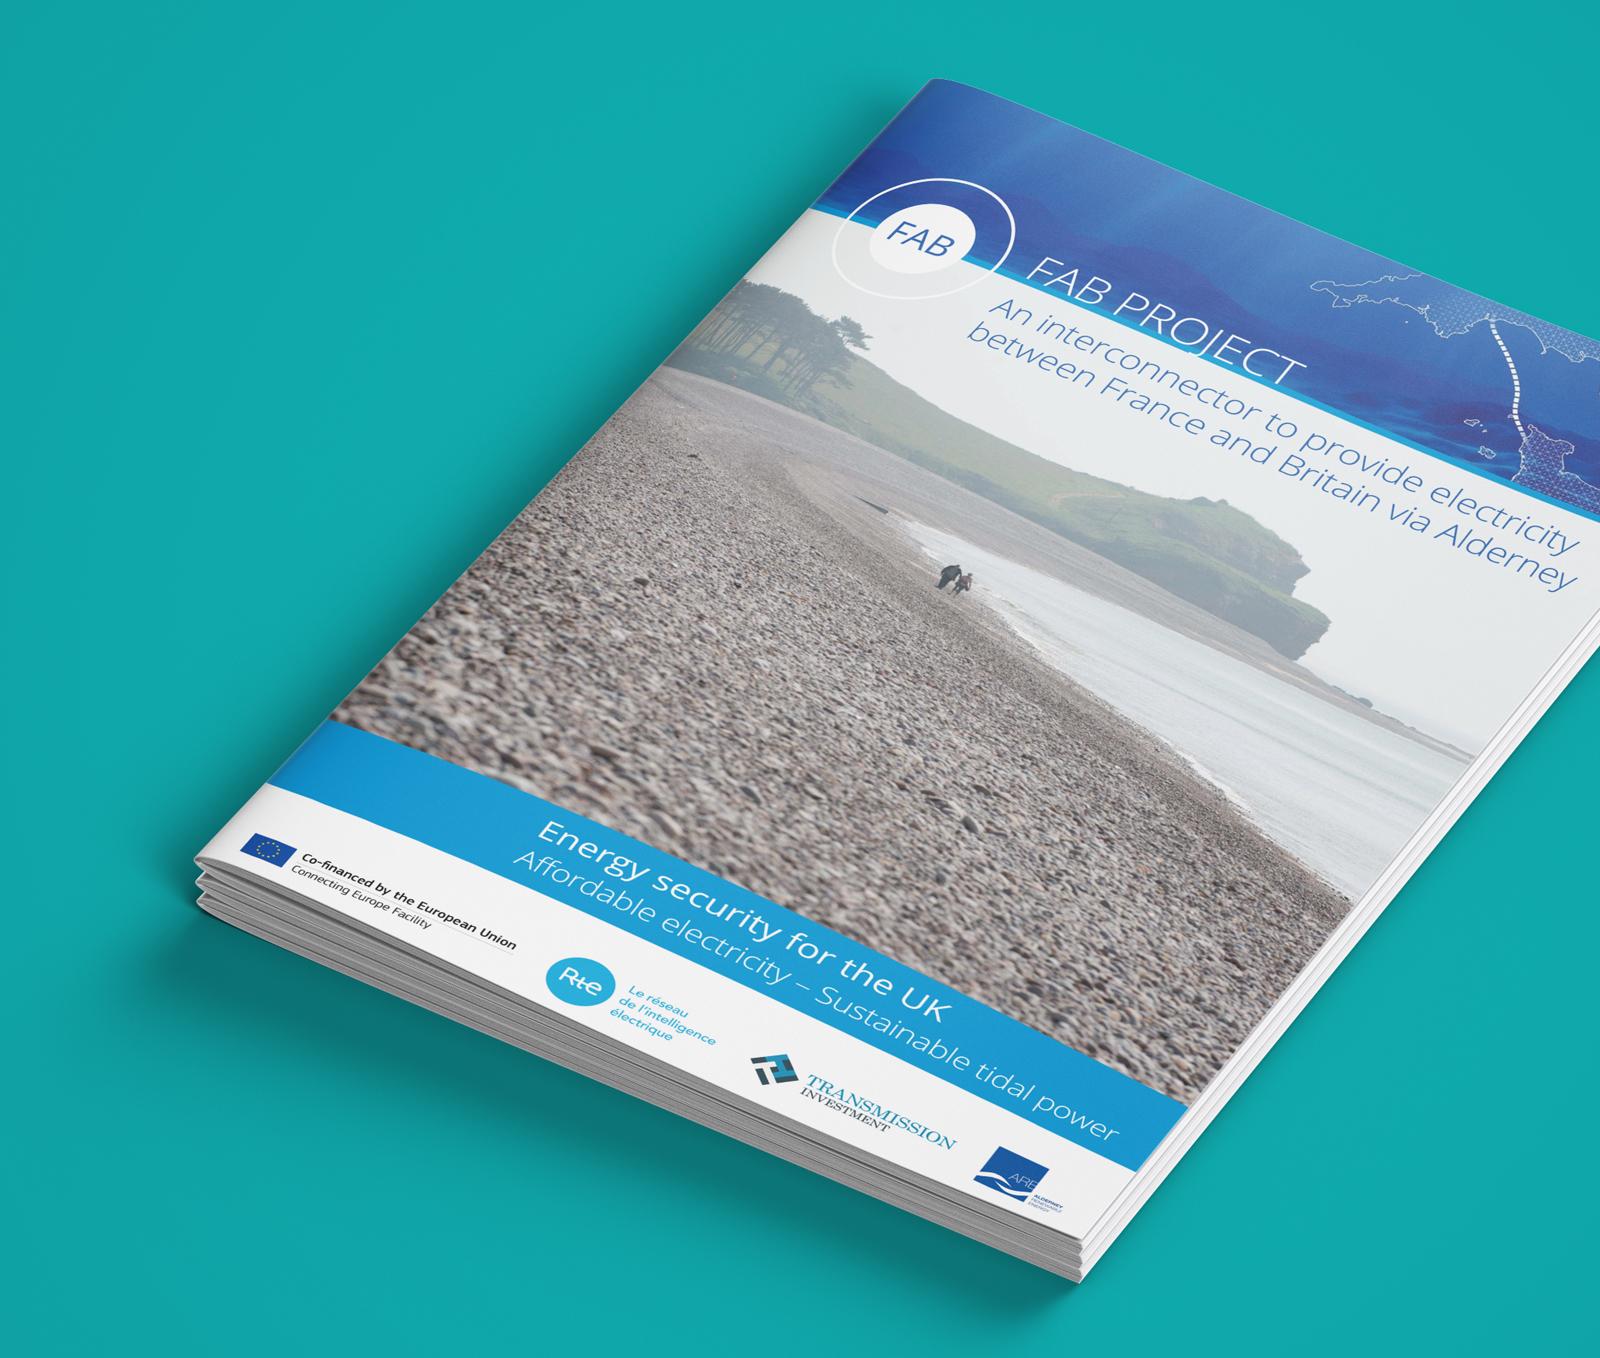 FABlink brochure cover